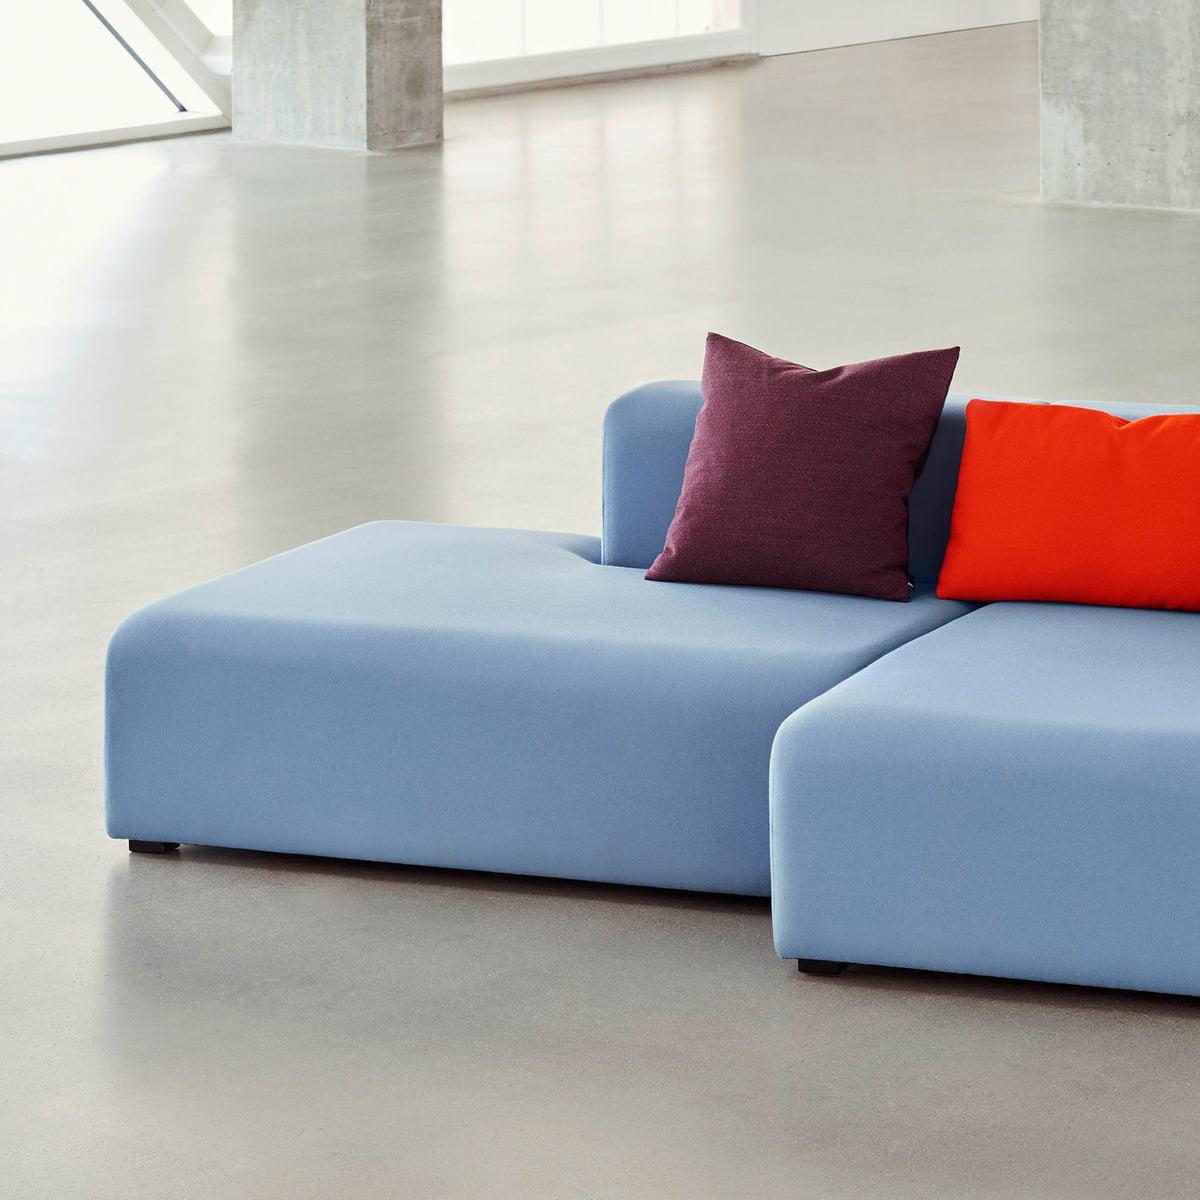 charming einfache dekoration und mobel hay mags sofa 2 #7: Das Hay - Mags Soft Sofa 2,5-Sitzer